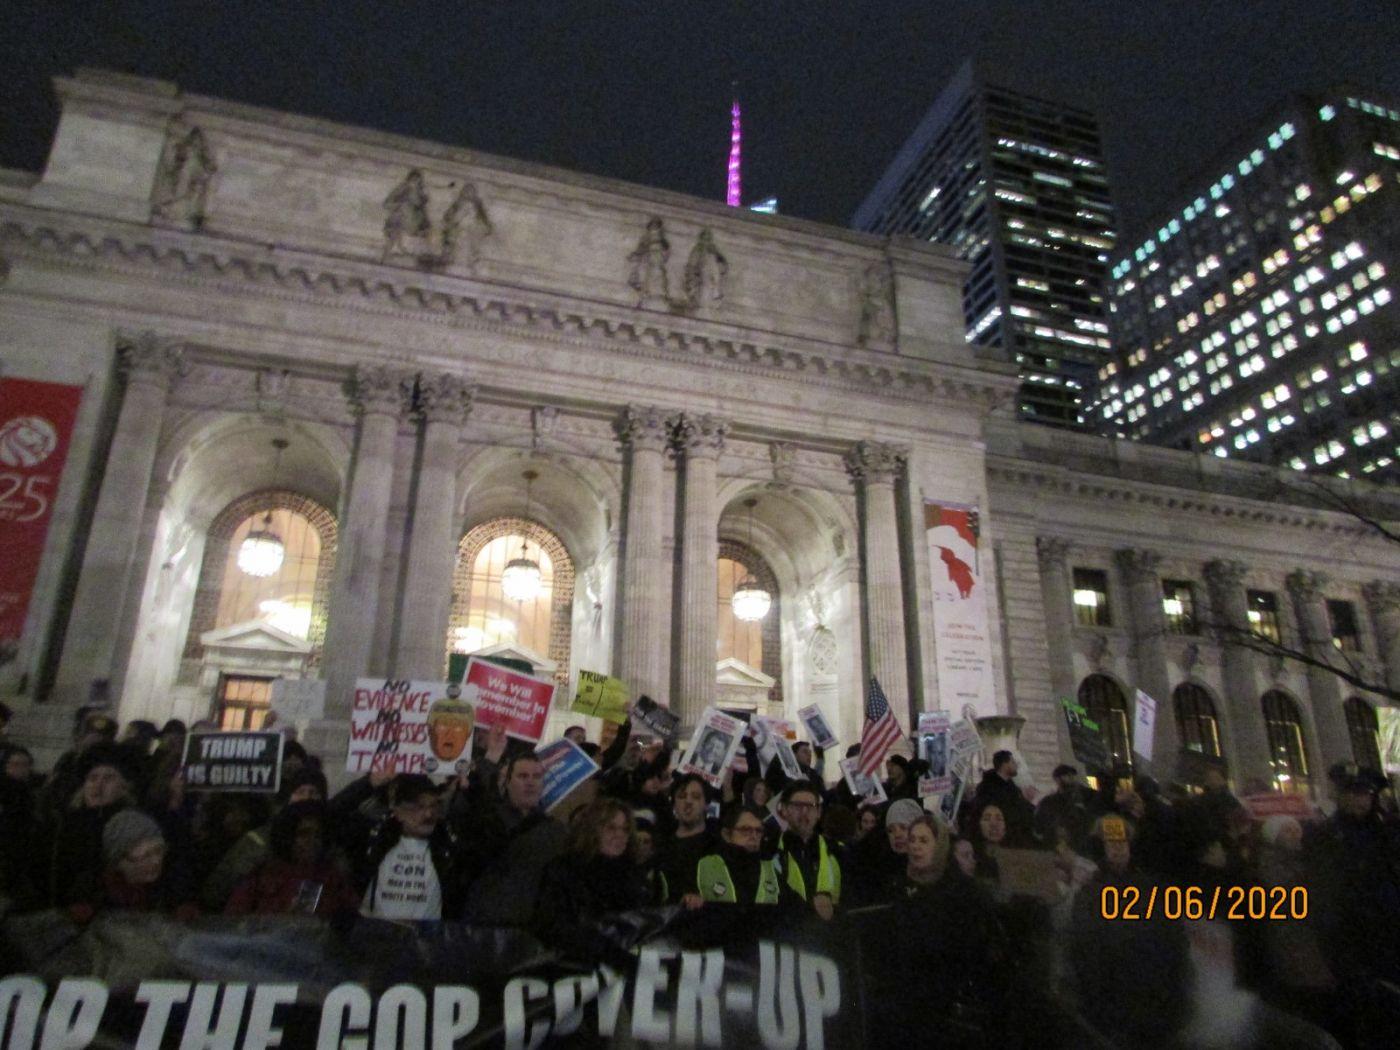 纽约市2月5日的创普弹劾案集会游行_图1-6